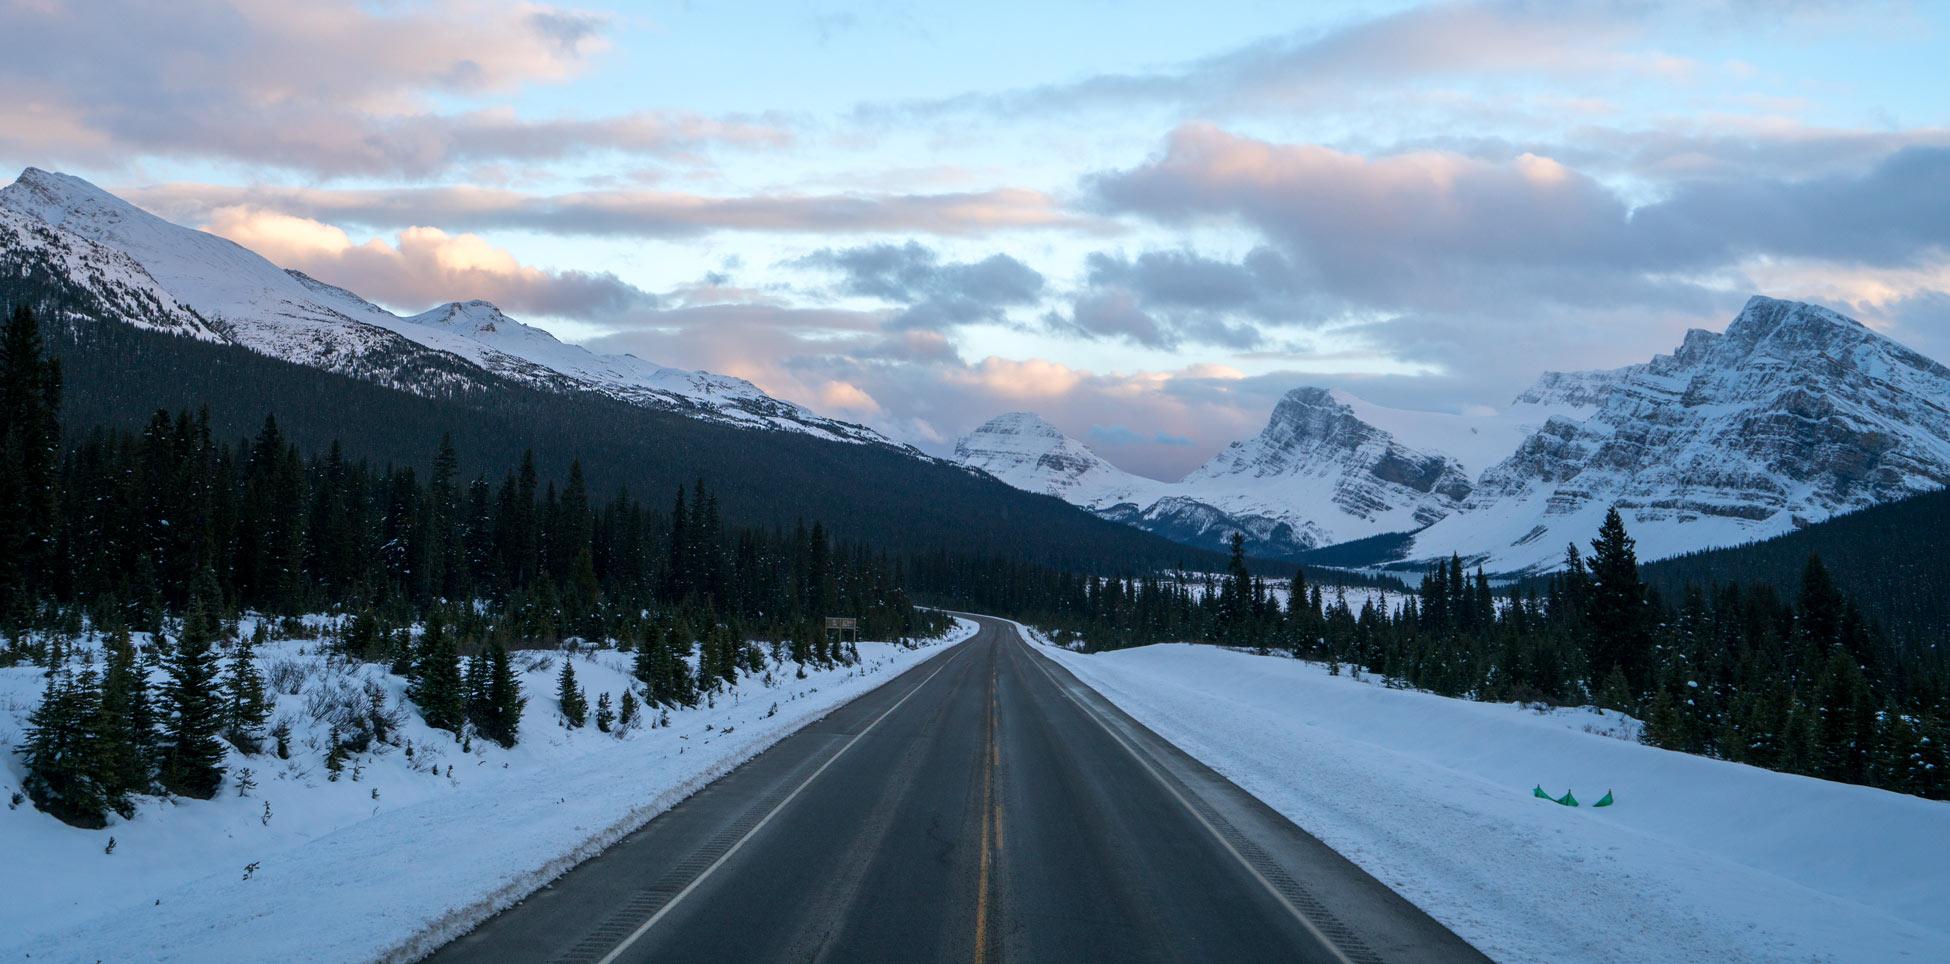 Unterwegs auf dem Icefields Parkway Drive. Foto: Quin Schrock